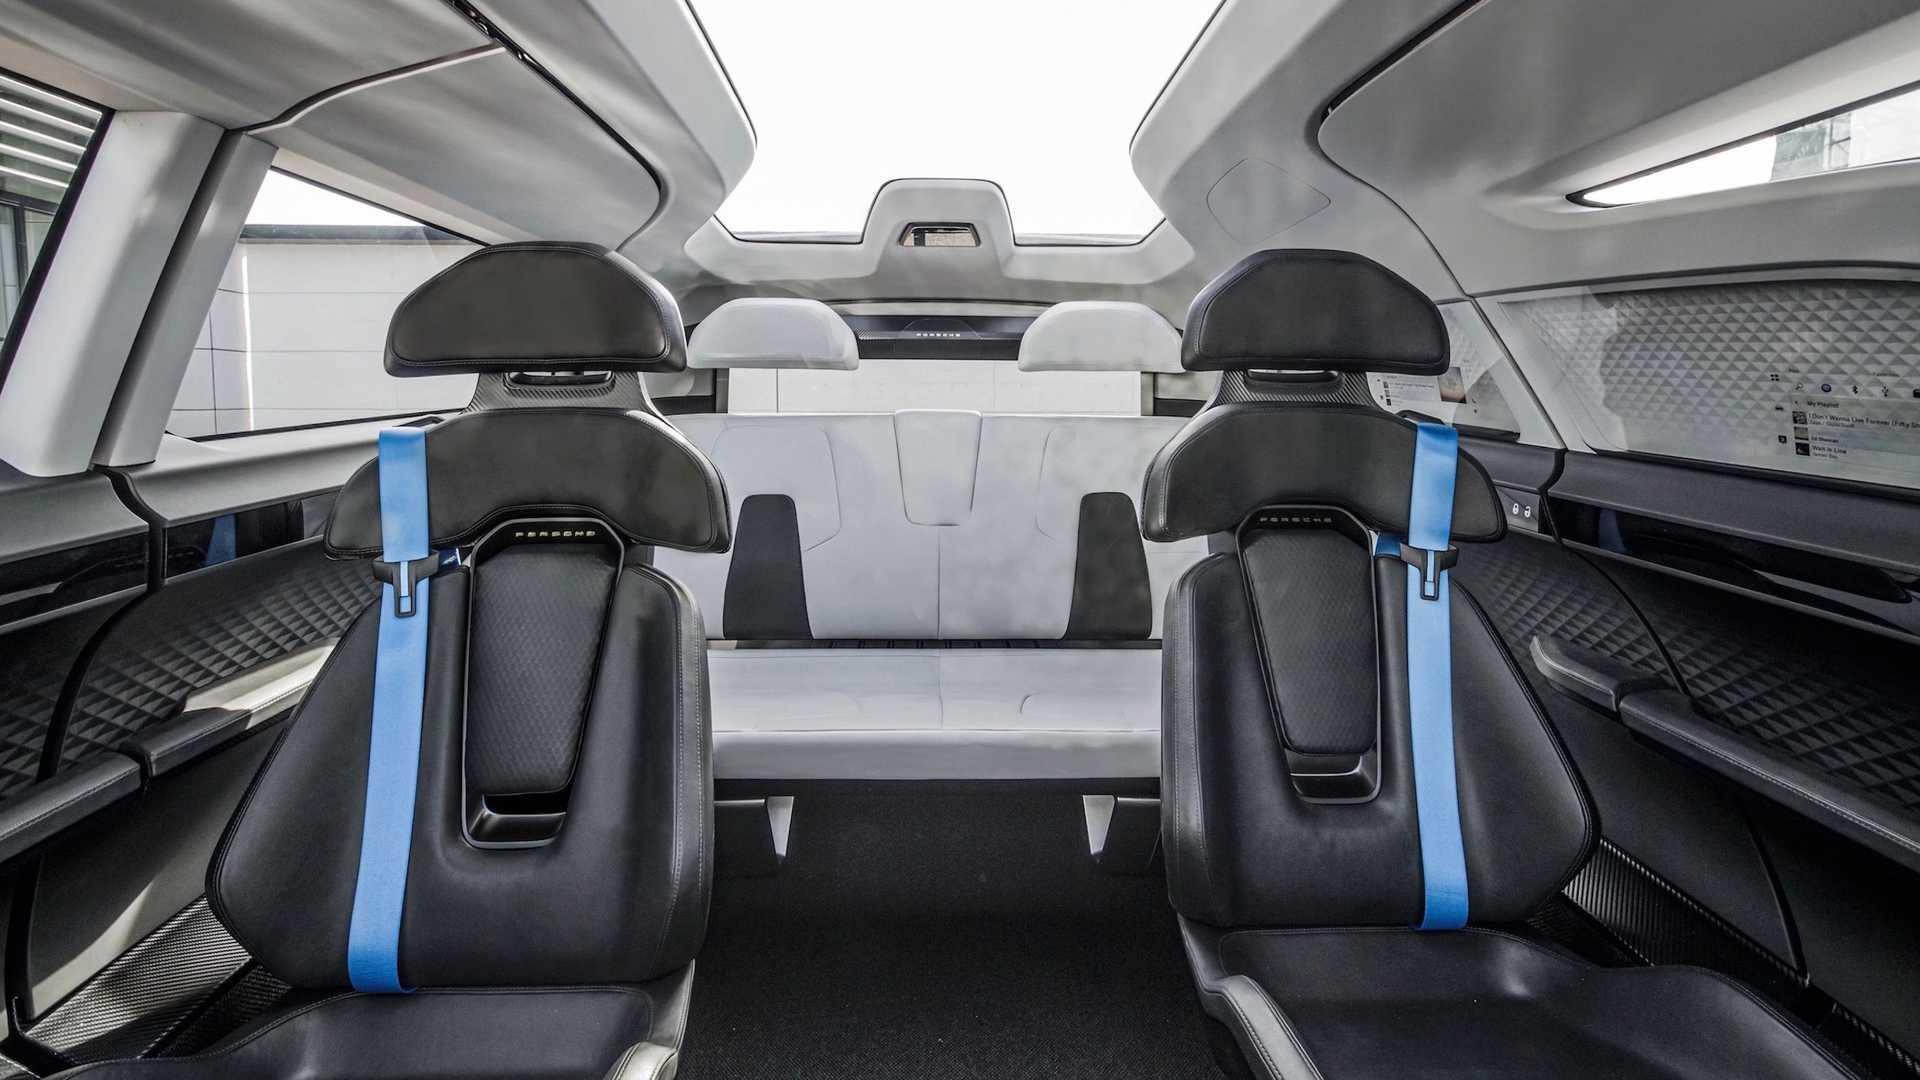 Porsche-Vision-Renndienst-concept-interior-2